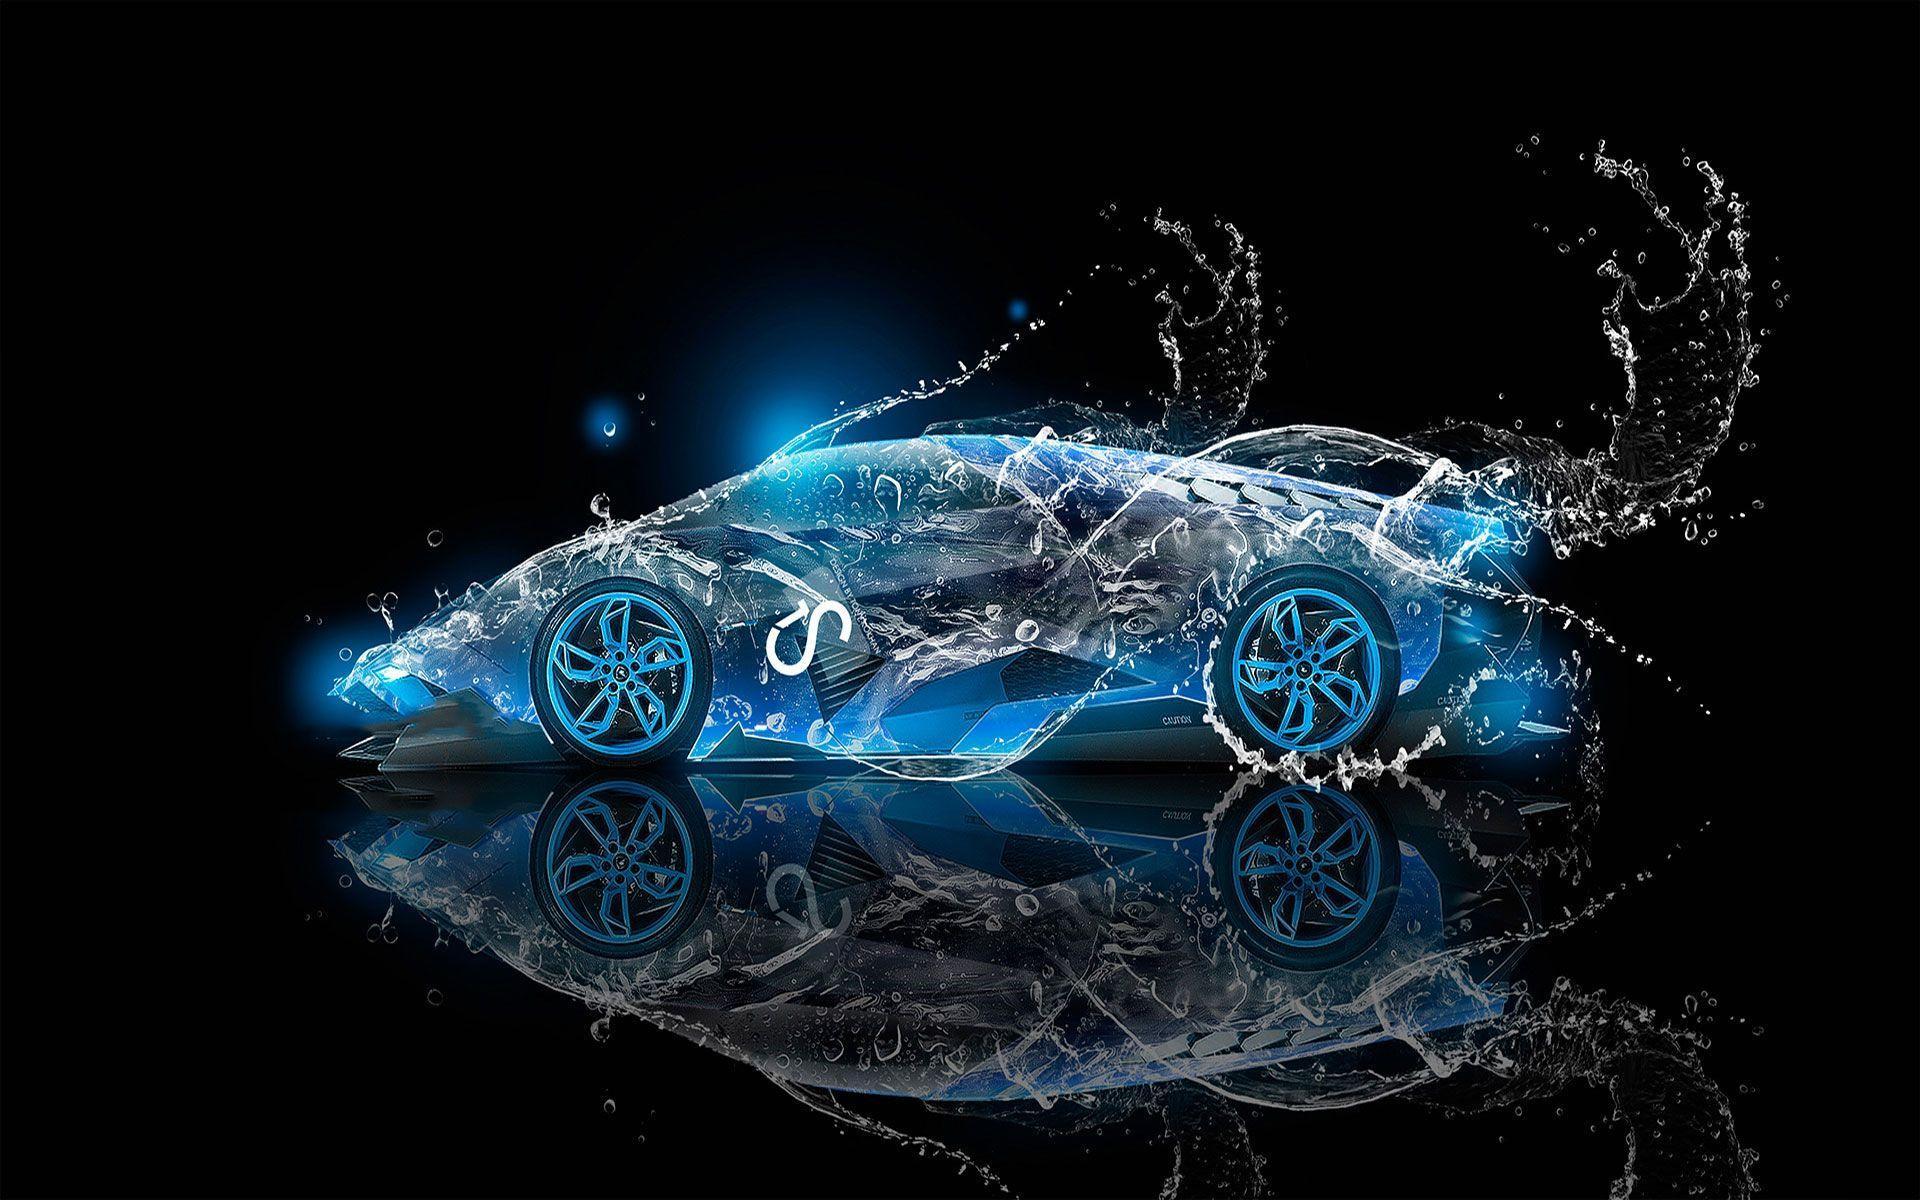 Hình nền xe hơi 3D HD 1920x1200 đẹp và tuyệt vời.  Hình nền HD cho máy tính xách tay, Hình nền máy tính xách tay, Hình nền HD 3D